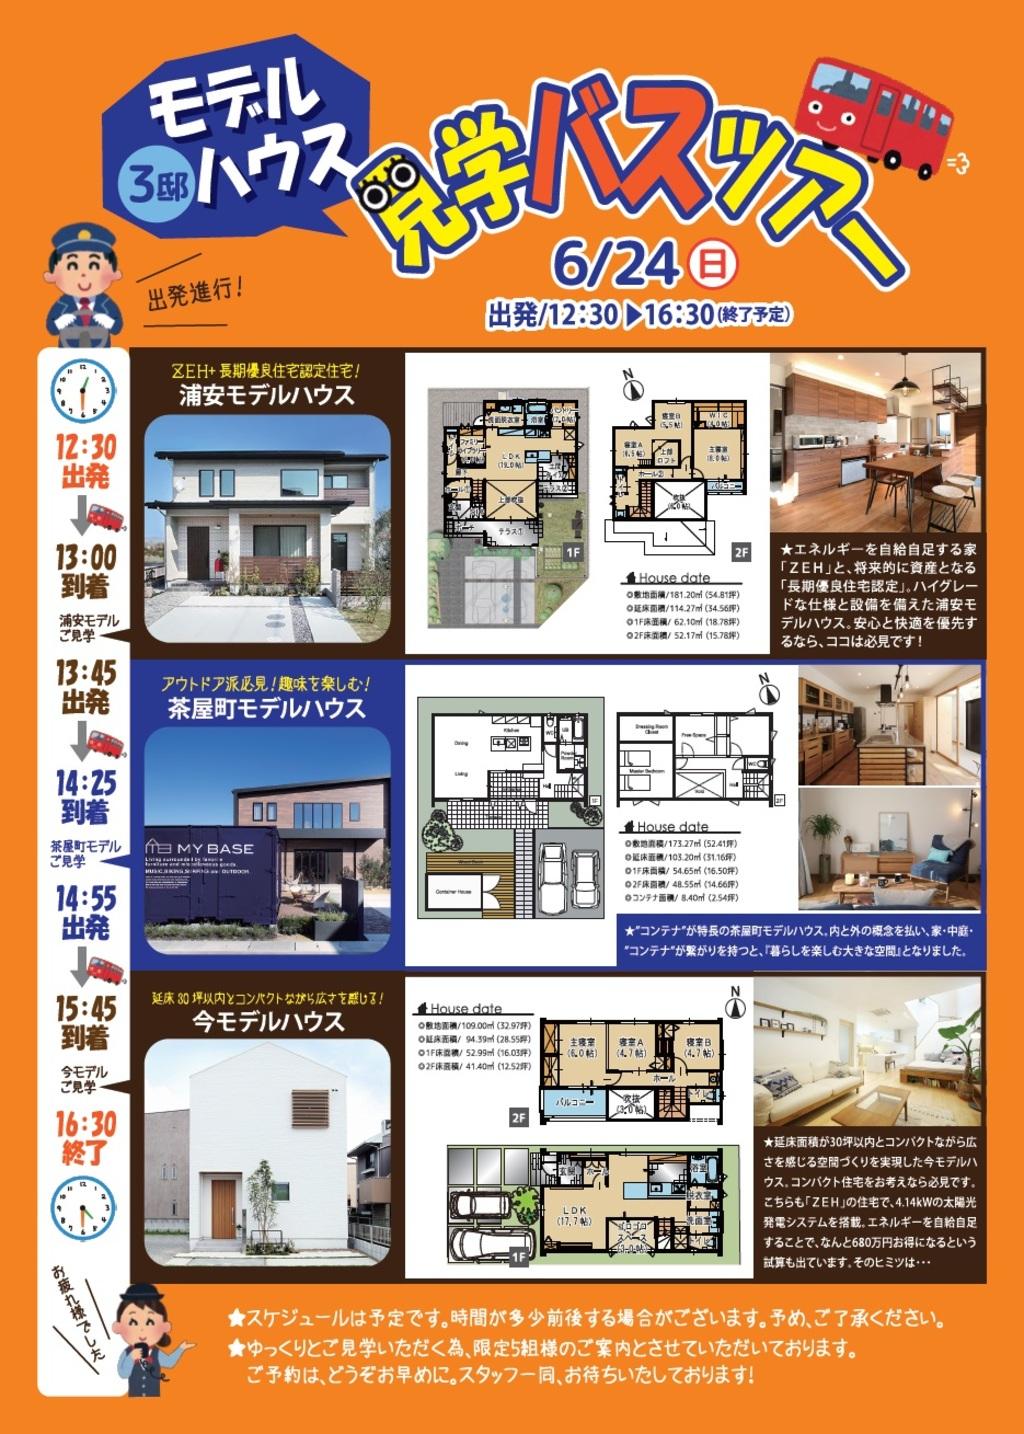 注文住宅 かっこいい工務店 岡山 アイムコラボレーションアイムの家の3棟モデルハウスが一度に見学できるバスツアー(浦安本町・茶屋町・今)2018.0624 スケジュール